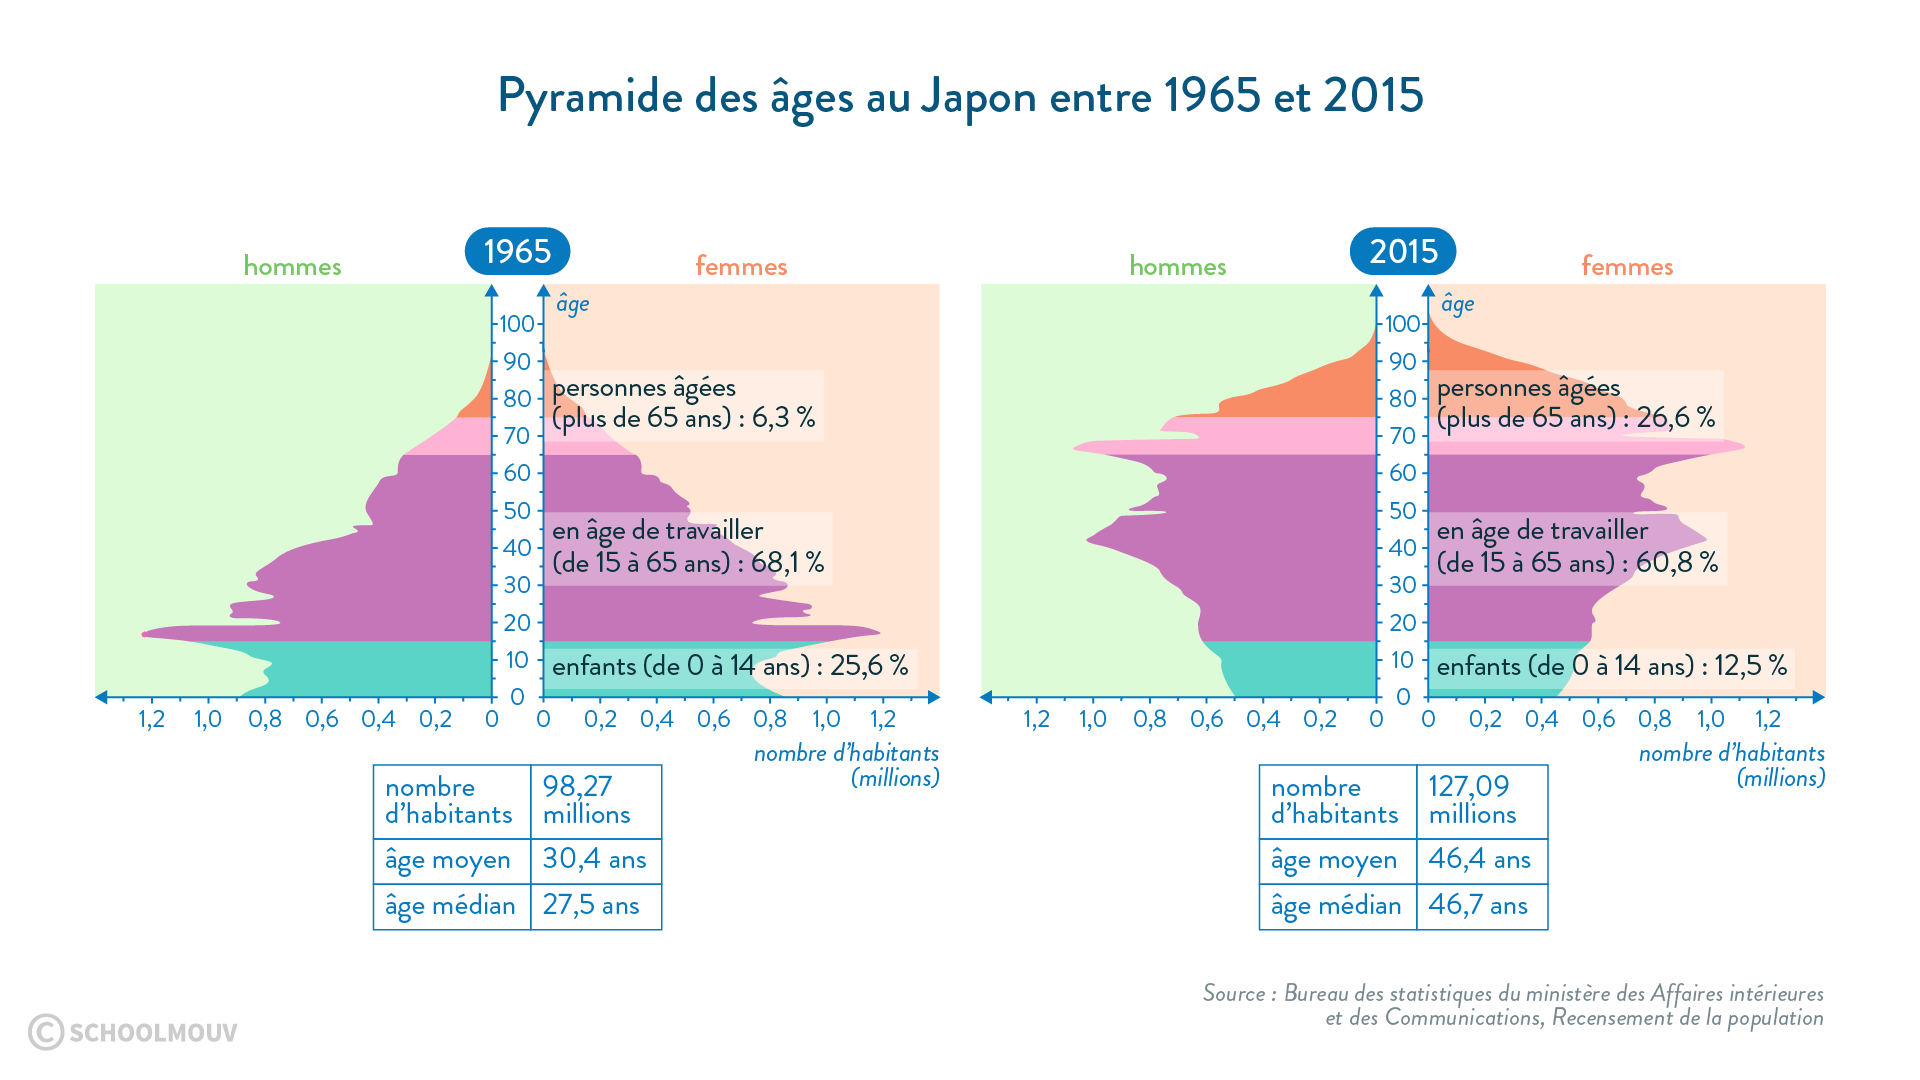 Pyramide des âges au Japon entre 1965 et 2015 - SchoolMouv - 2de - Géographie